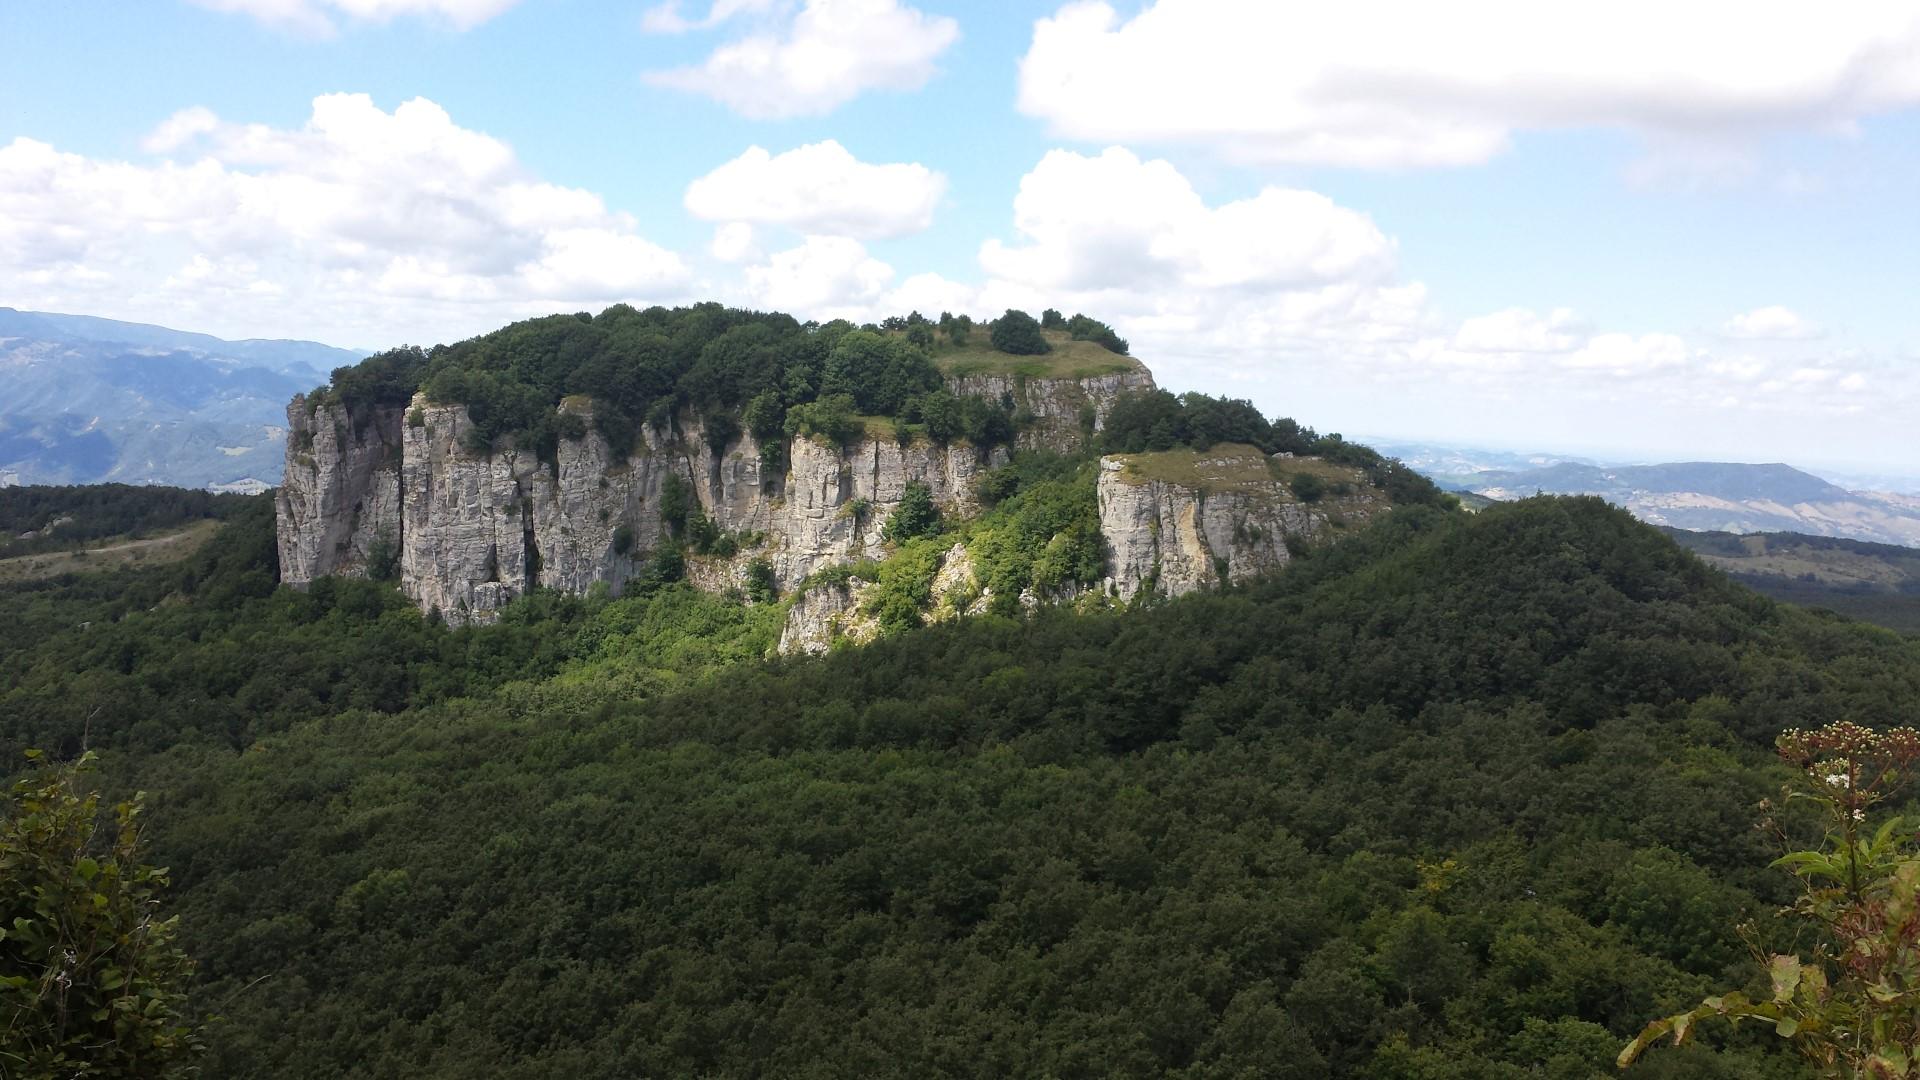 Simoncello visto dalla cima del Sasso di Simone - Sasso di Simone e Simoncello